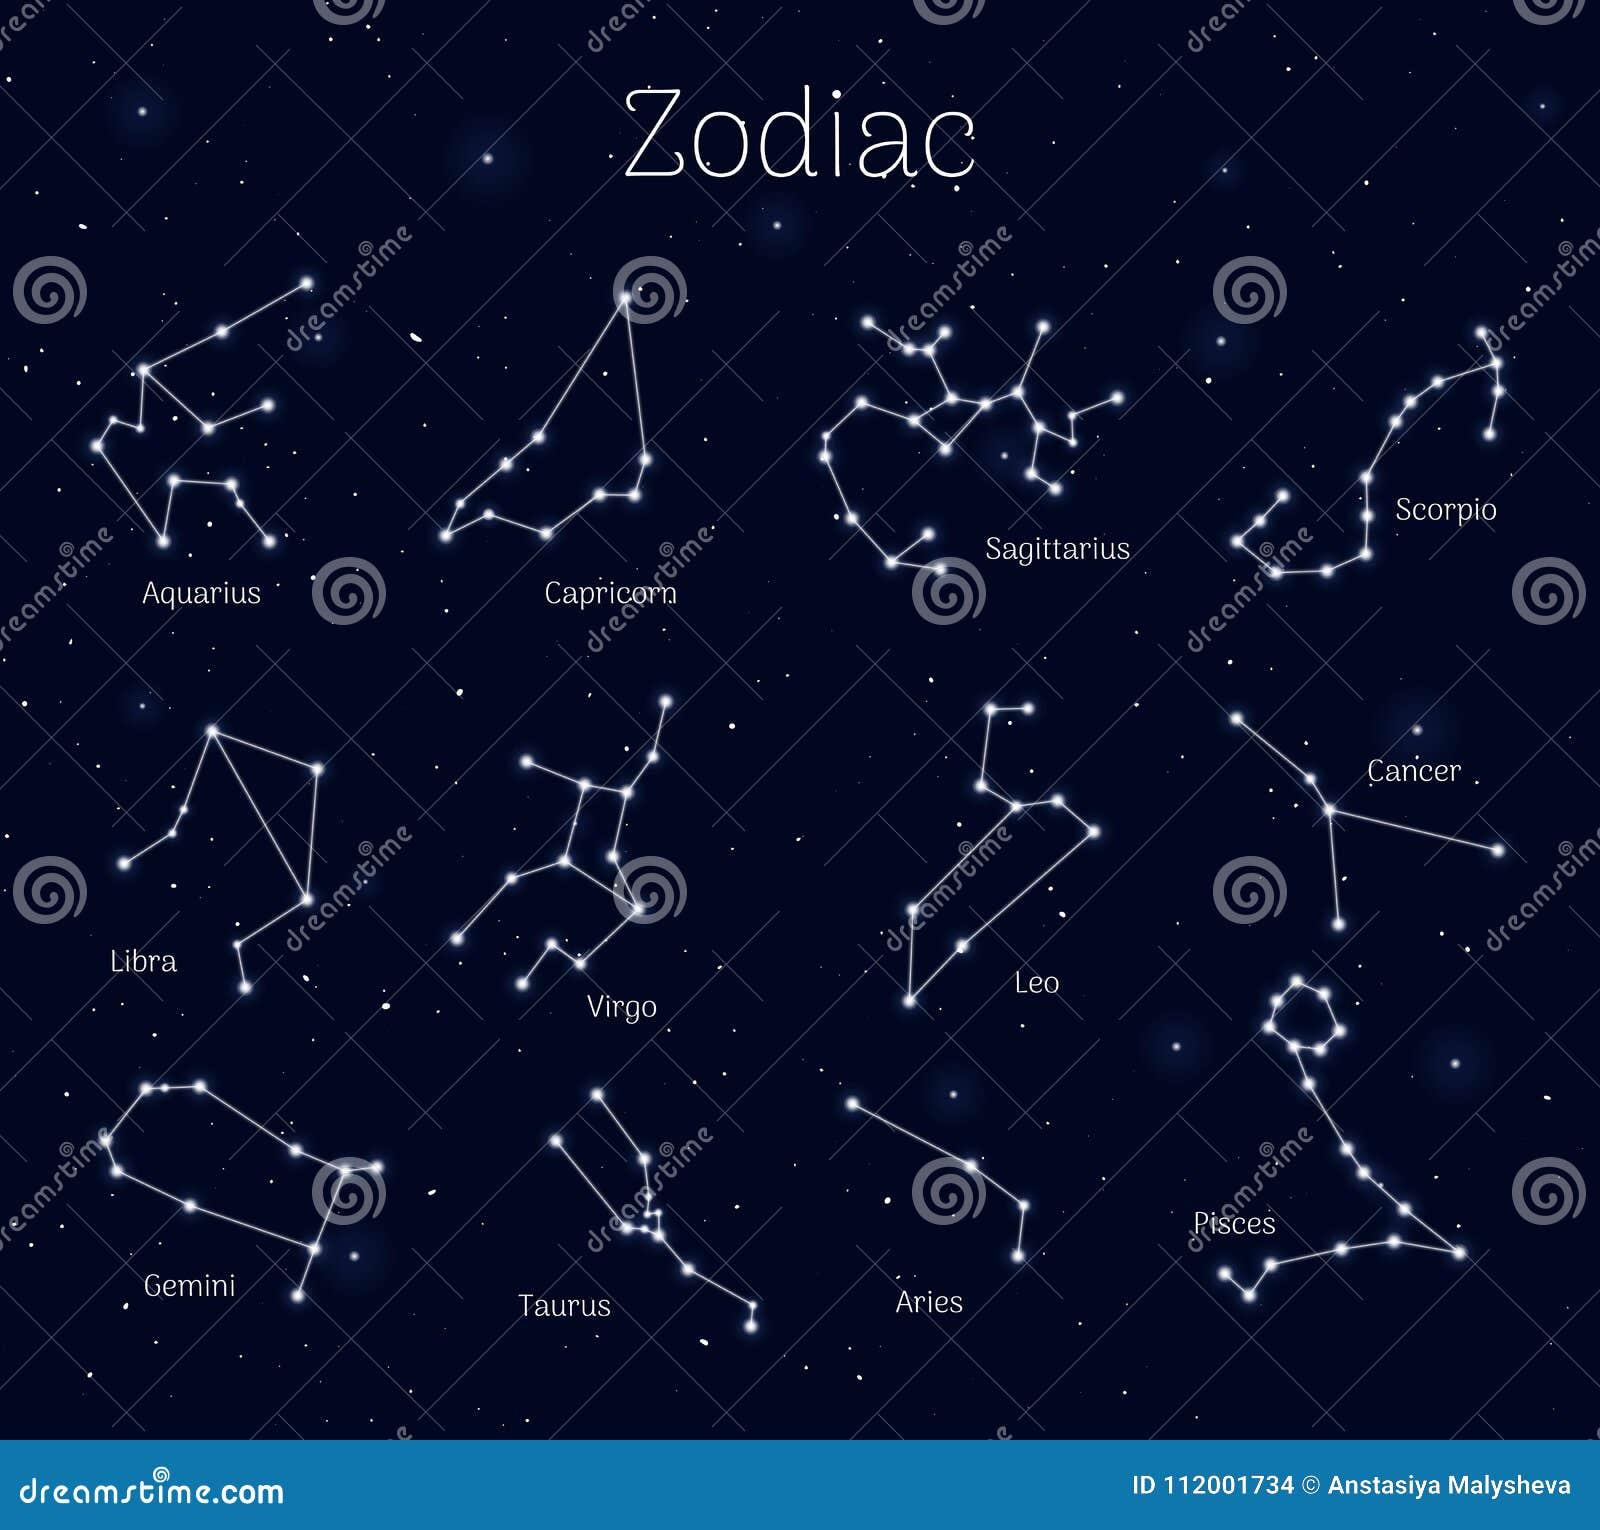 Καθορισμένα zodiac σημάδια, υπόβαθρο νυχτερινού ουρανού, ρεαλιστικό